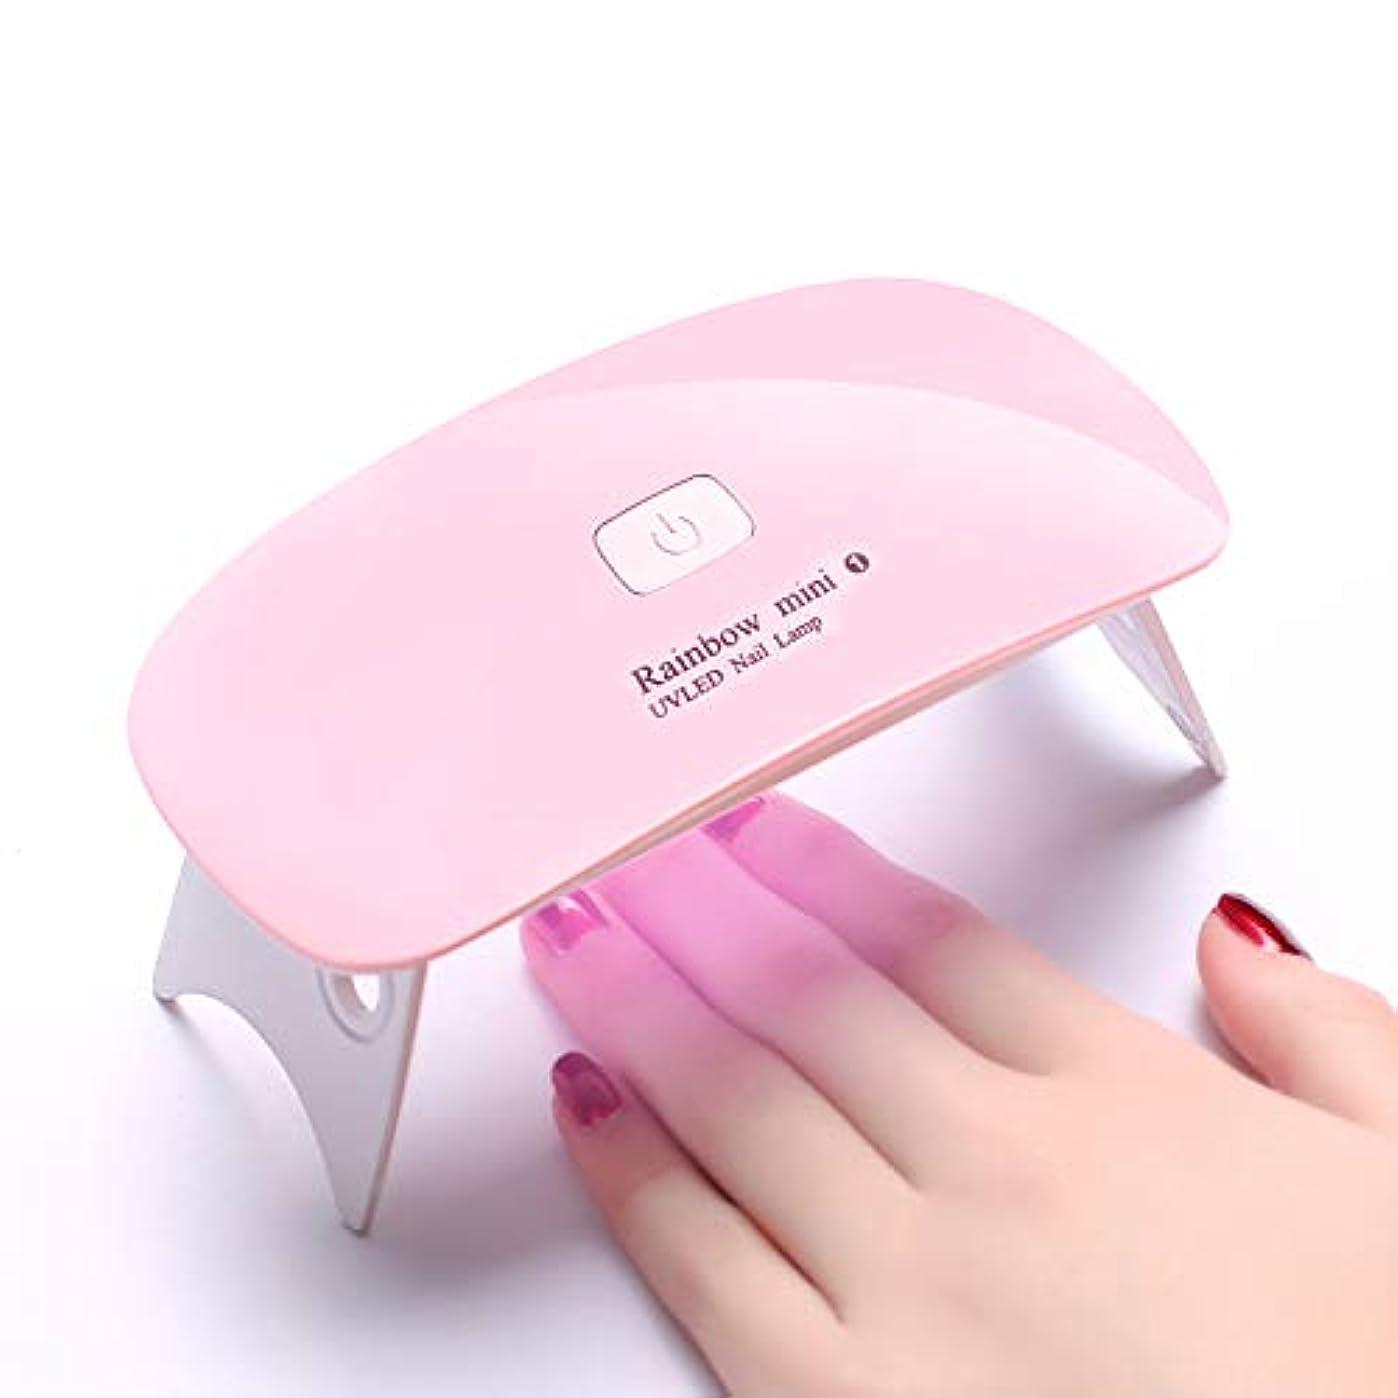 放映スラム街反論者LEDネイルドライヤー UVライトRaintern タイマー設定可能 折りたたみ式手足とも使える 人感センサー式 LED 硬化ライト UV と LEDダブルライト ジェルネイル用 ピンク